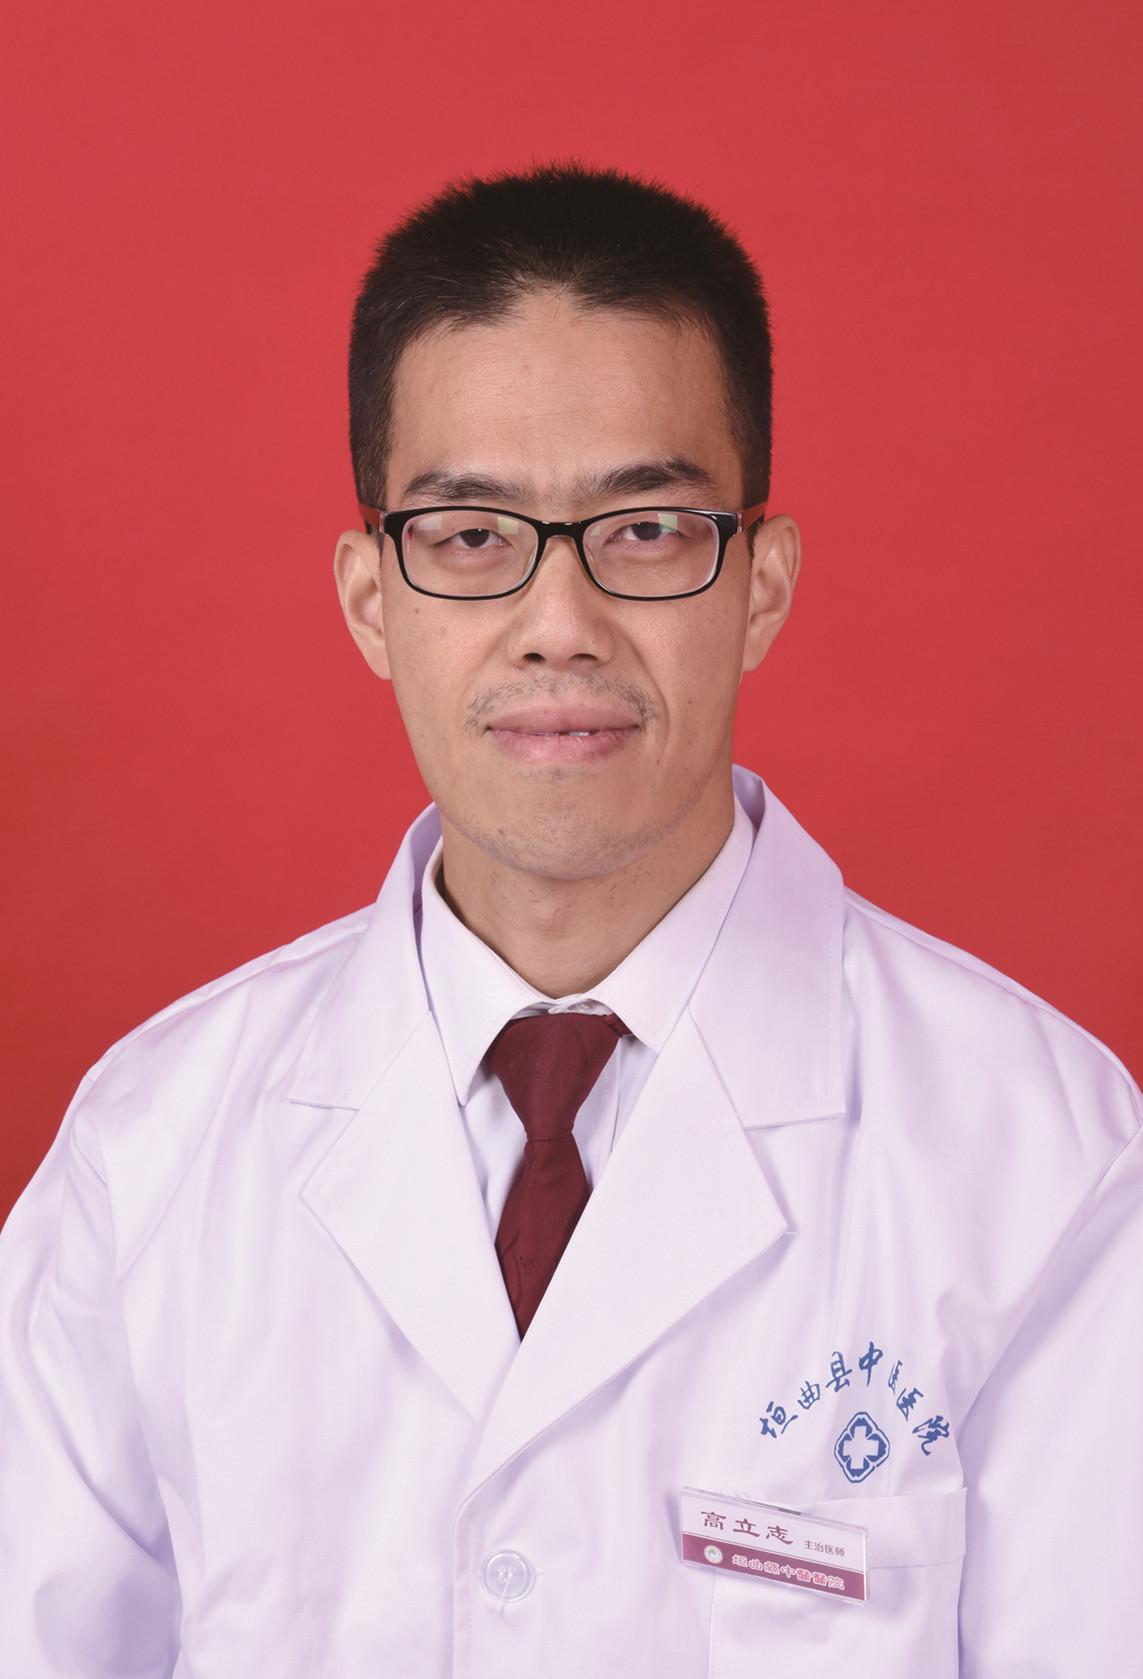 北京侯丽萍中医院_垣曲县中医医院 - 垣曲县中医医院